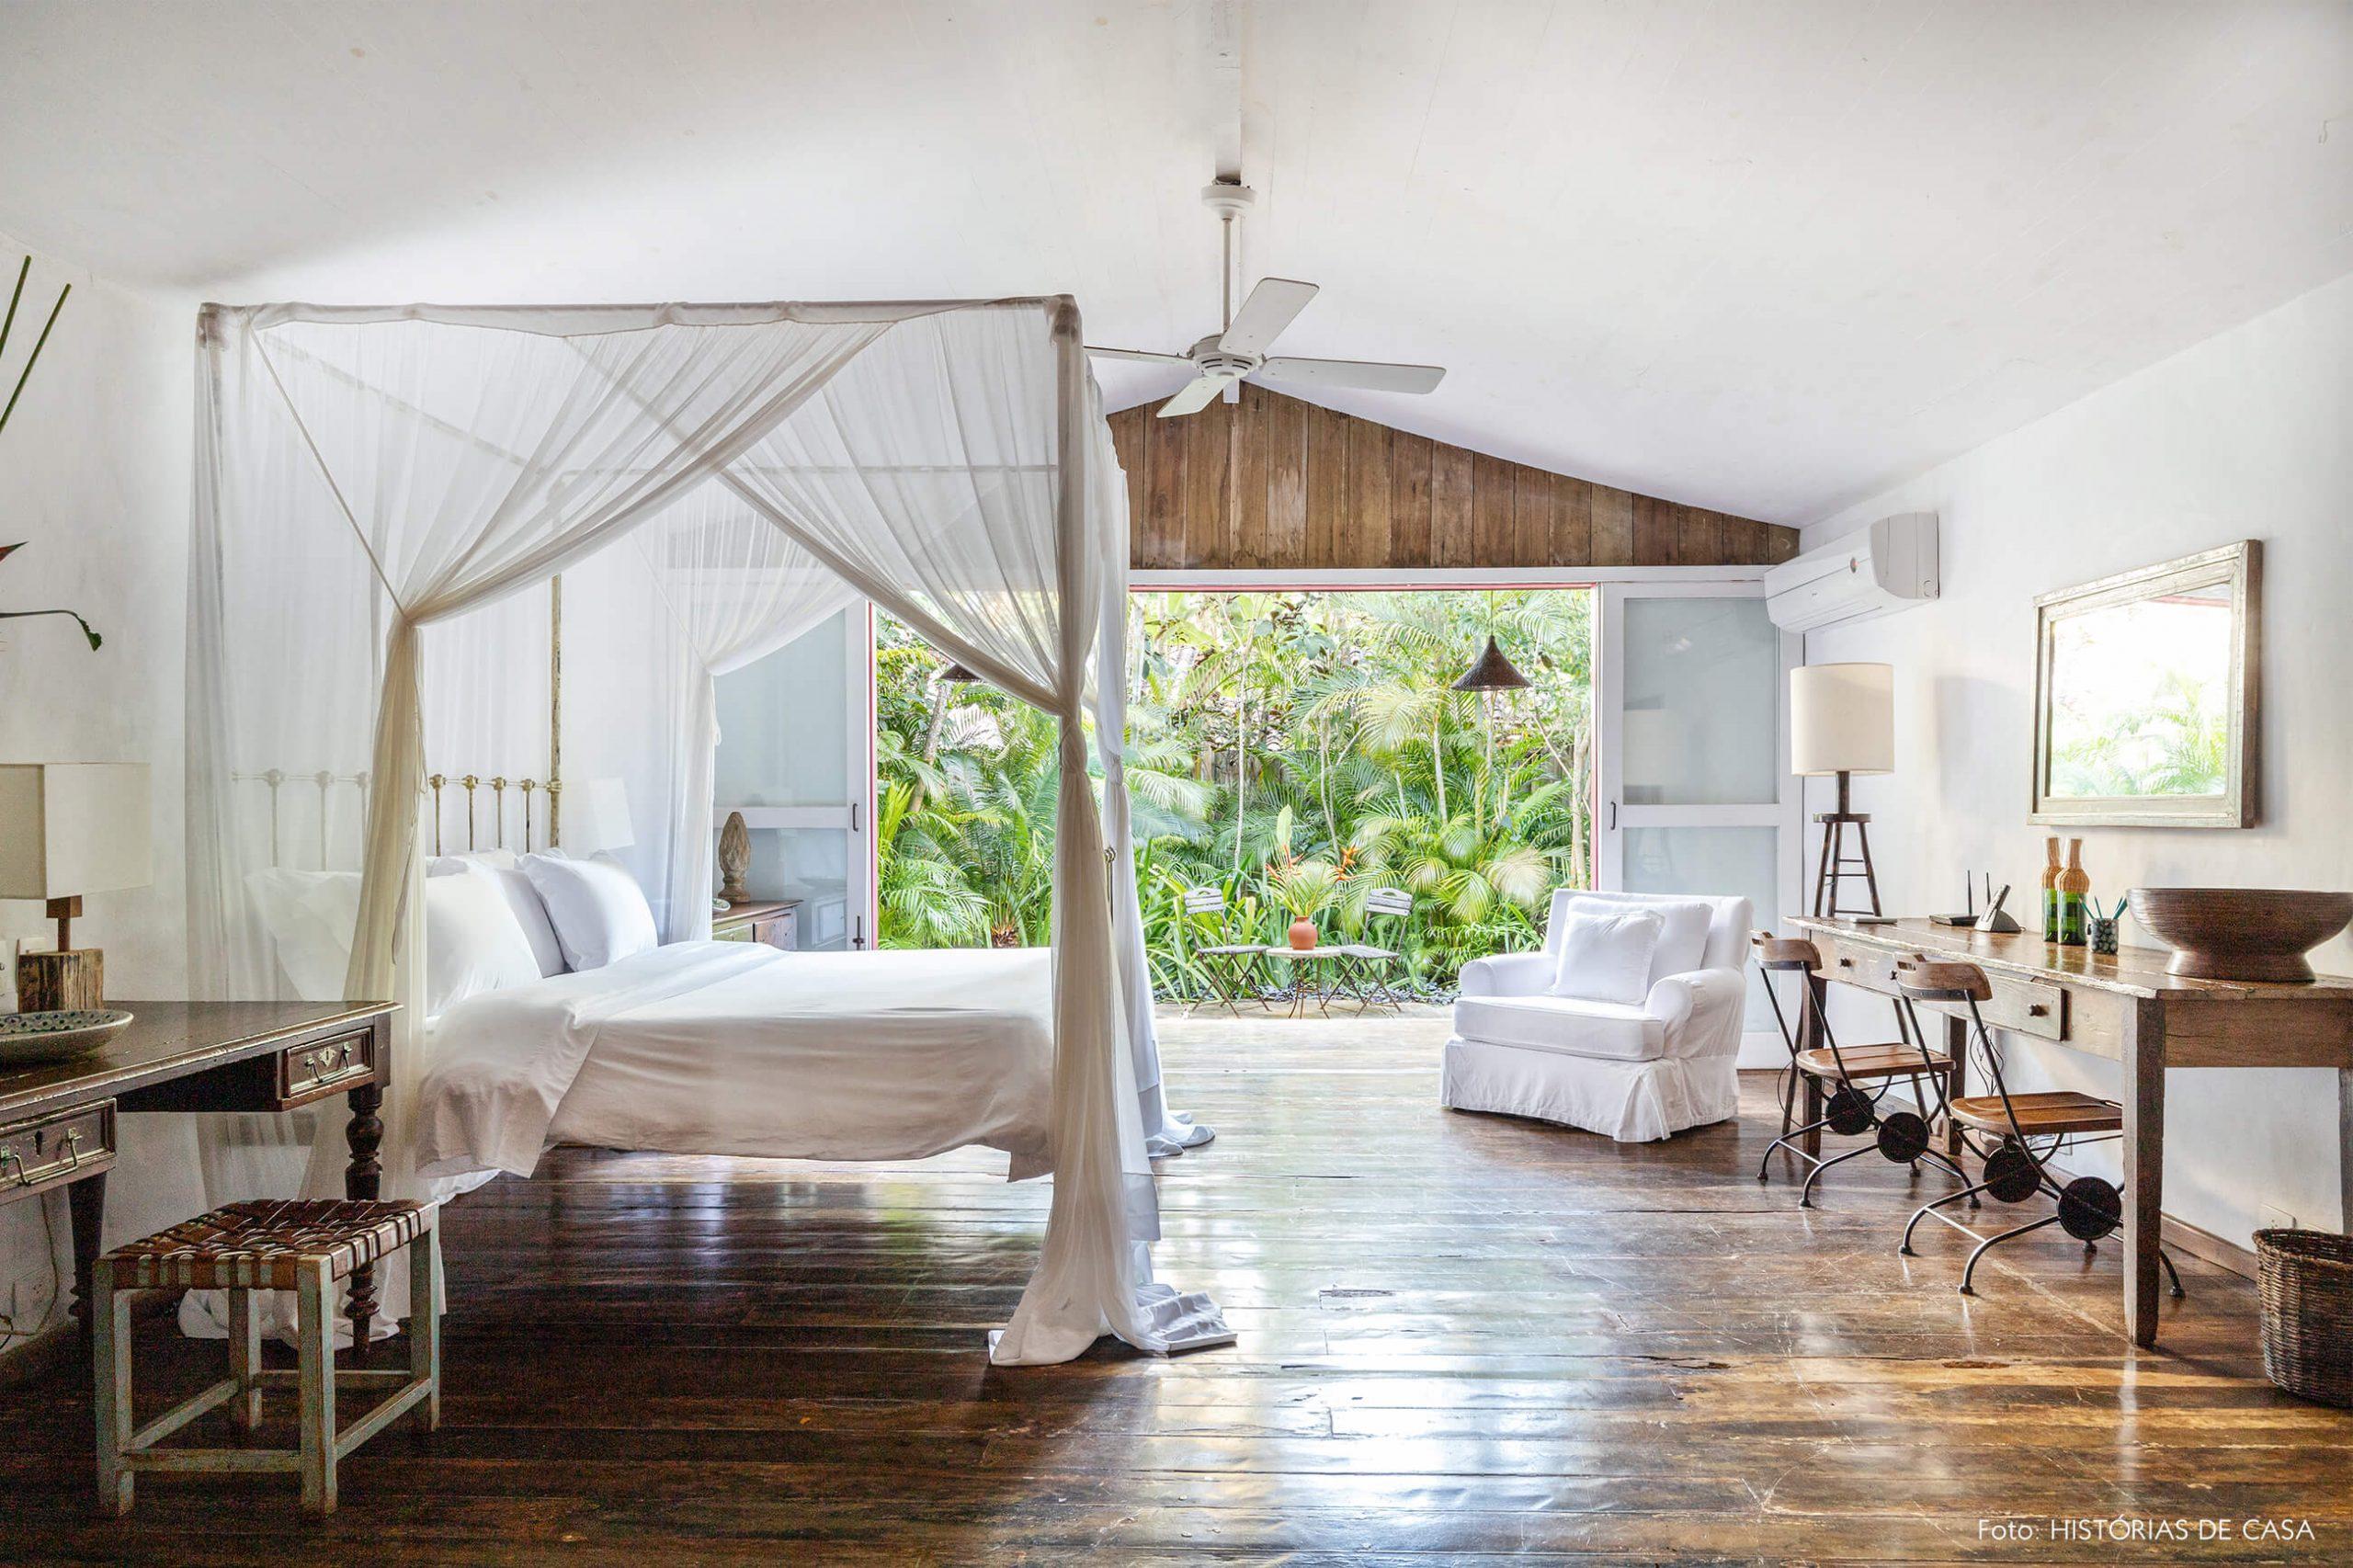 decoração Trancoso quarto com moveis de madeira cama com tenda branca e varanda